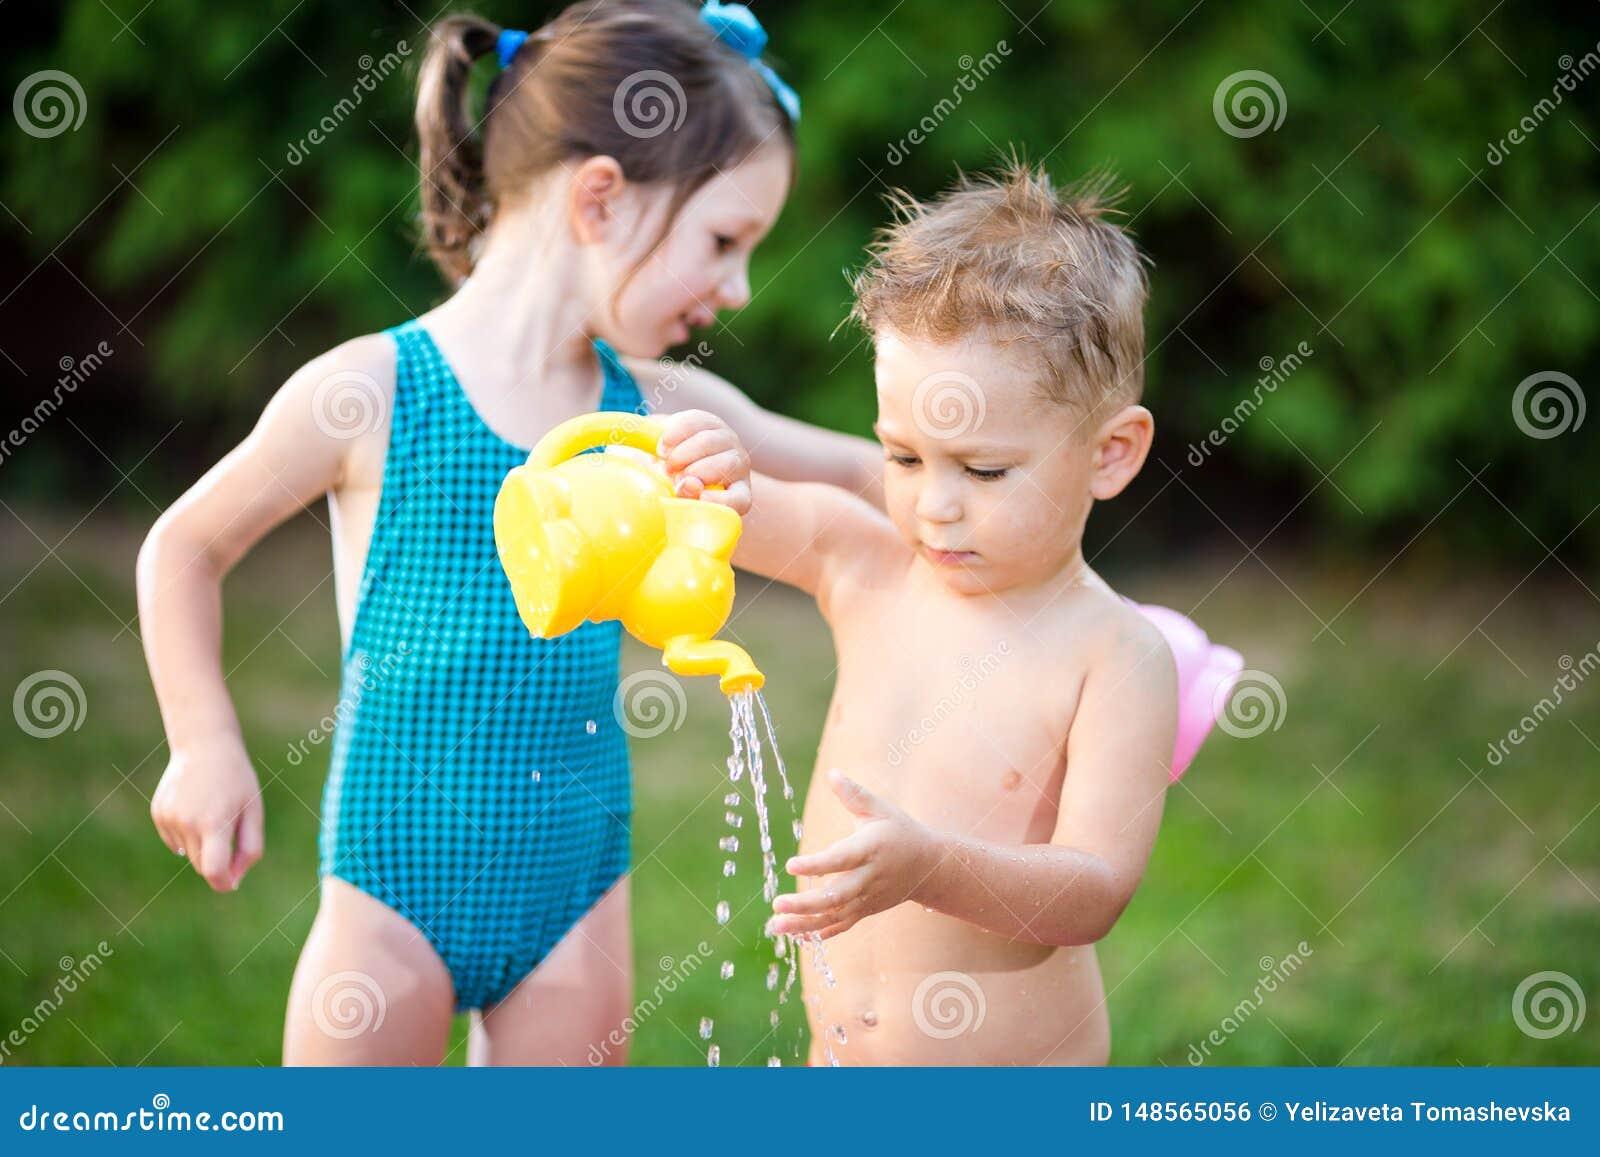 Игры лета детства с водным бассейном Кавказская игра брата и сестры с пластиковой водой моча консервной банки игрушек лить брызга